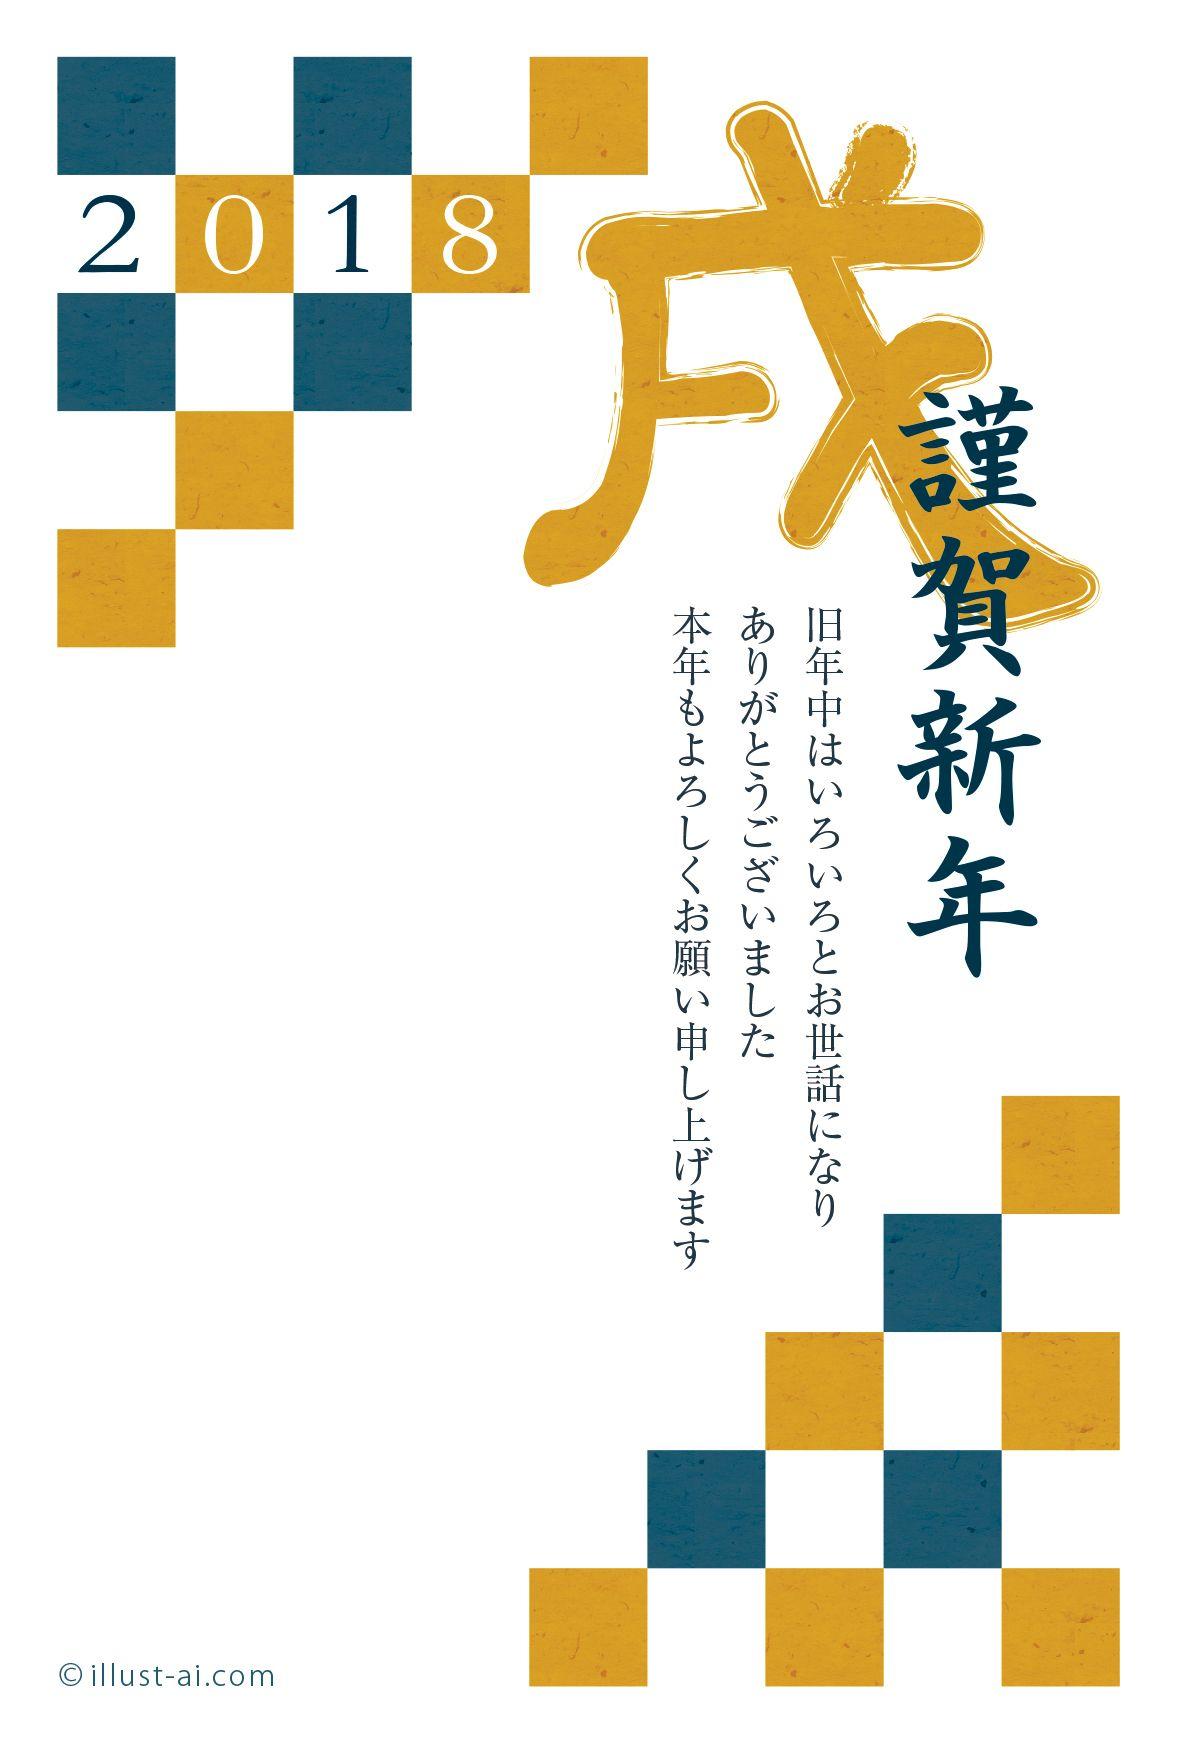 格子柄と戌の文字がデザインされた年賀状 年賀状 2018 筆文字 無料